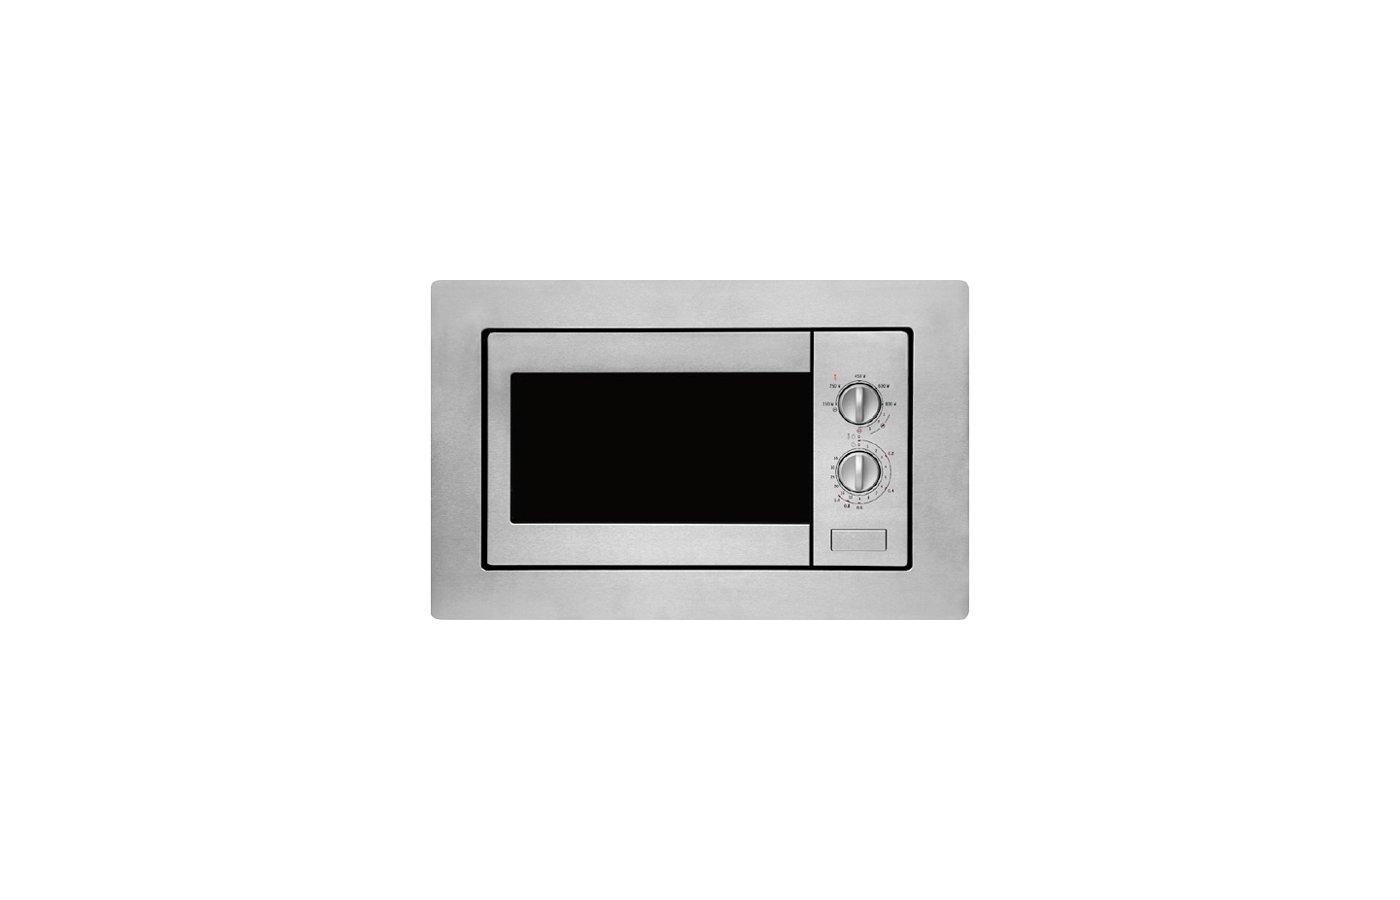 Встраиваемая микроволновая печь HANSA AMM 20 BIMH